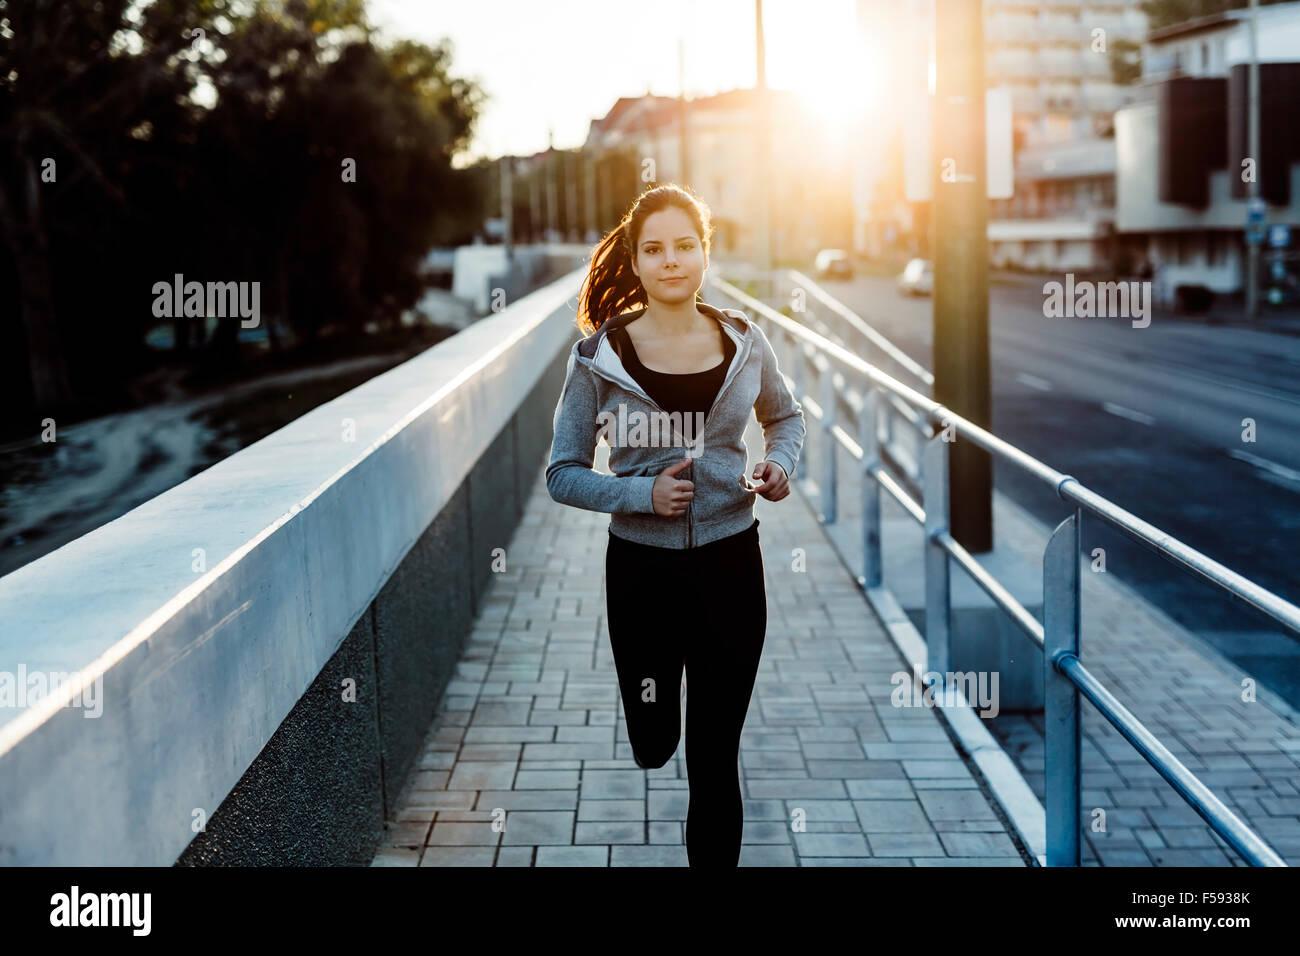 Bellissima femmina jogging in città e mantenendo il suo corpo in forma Immagini Stock